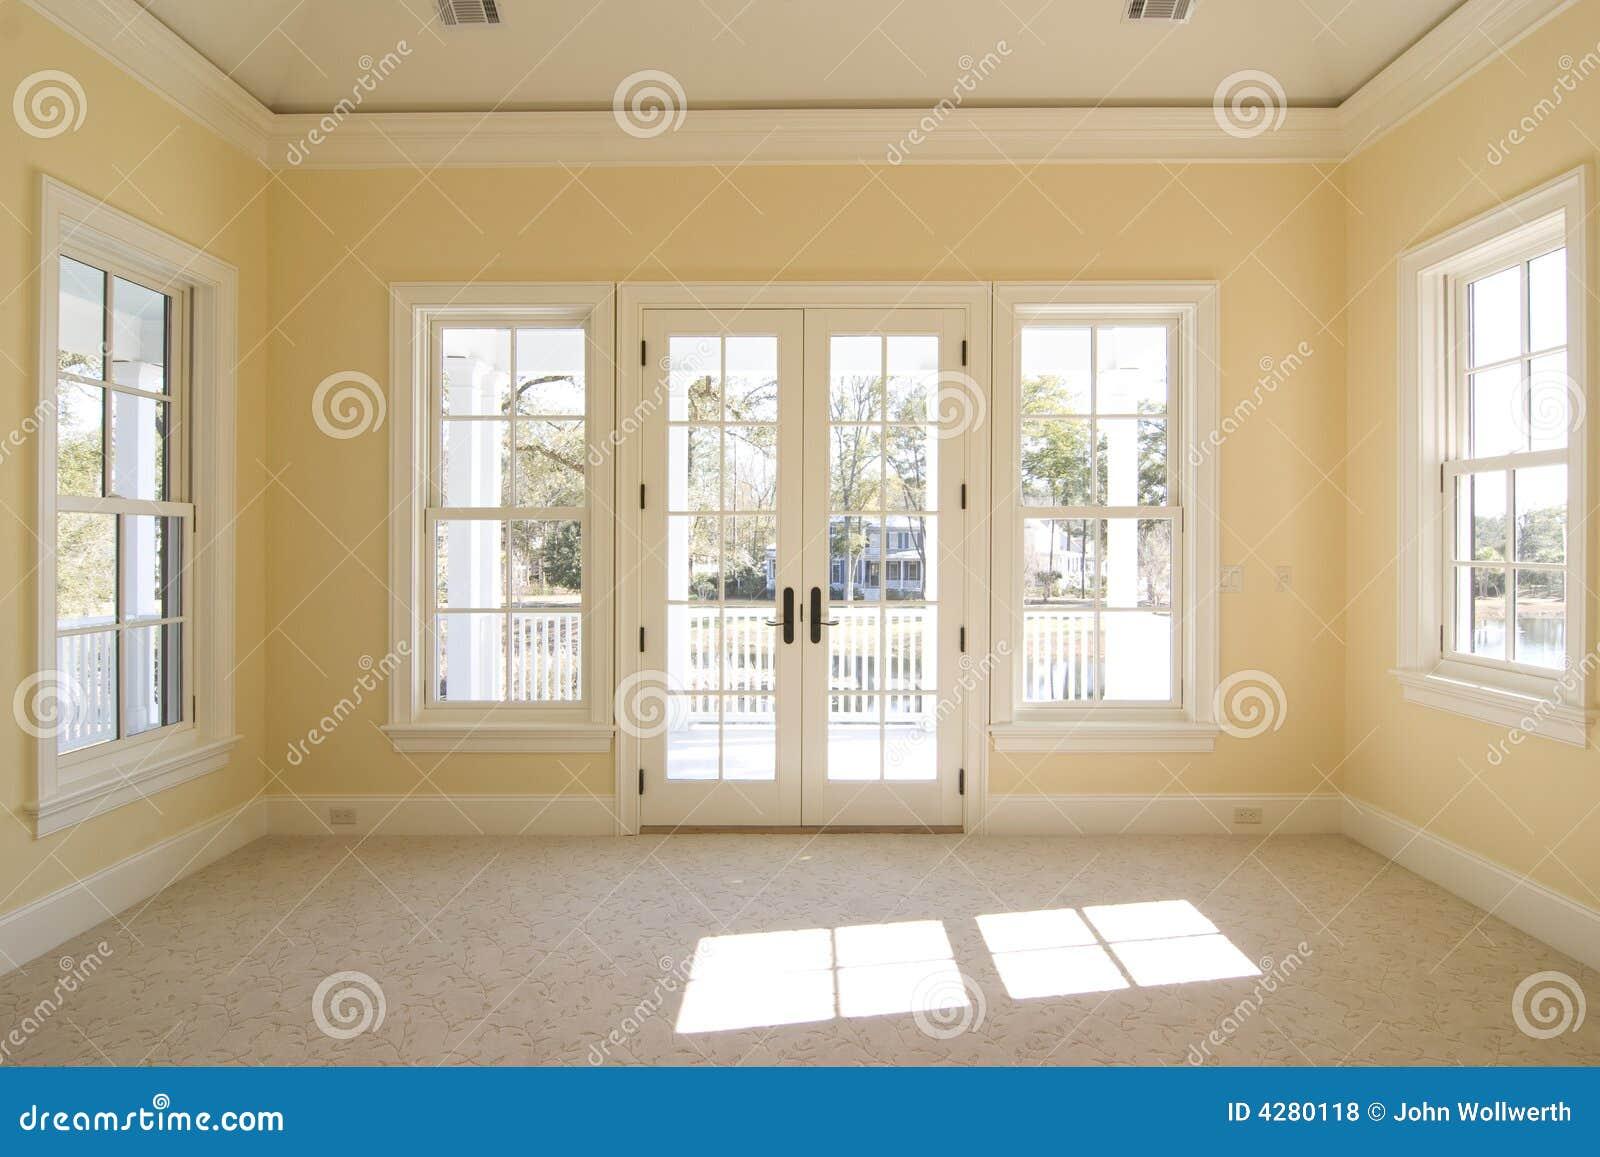 Dormitorio Con La Visión Y El Pórtico Foto de archivo - Imagen de ...